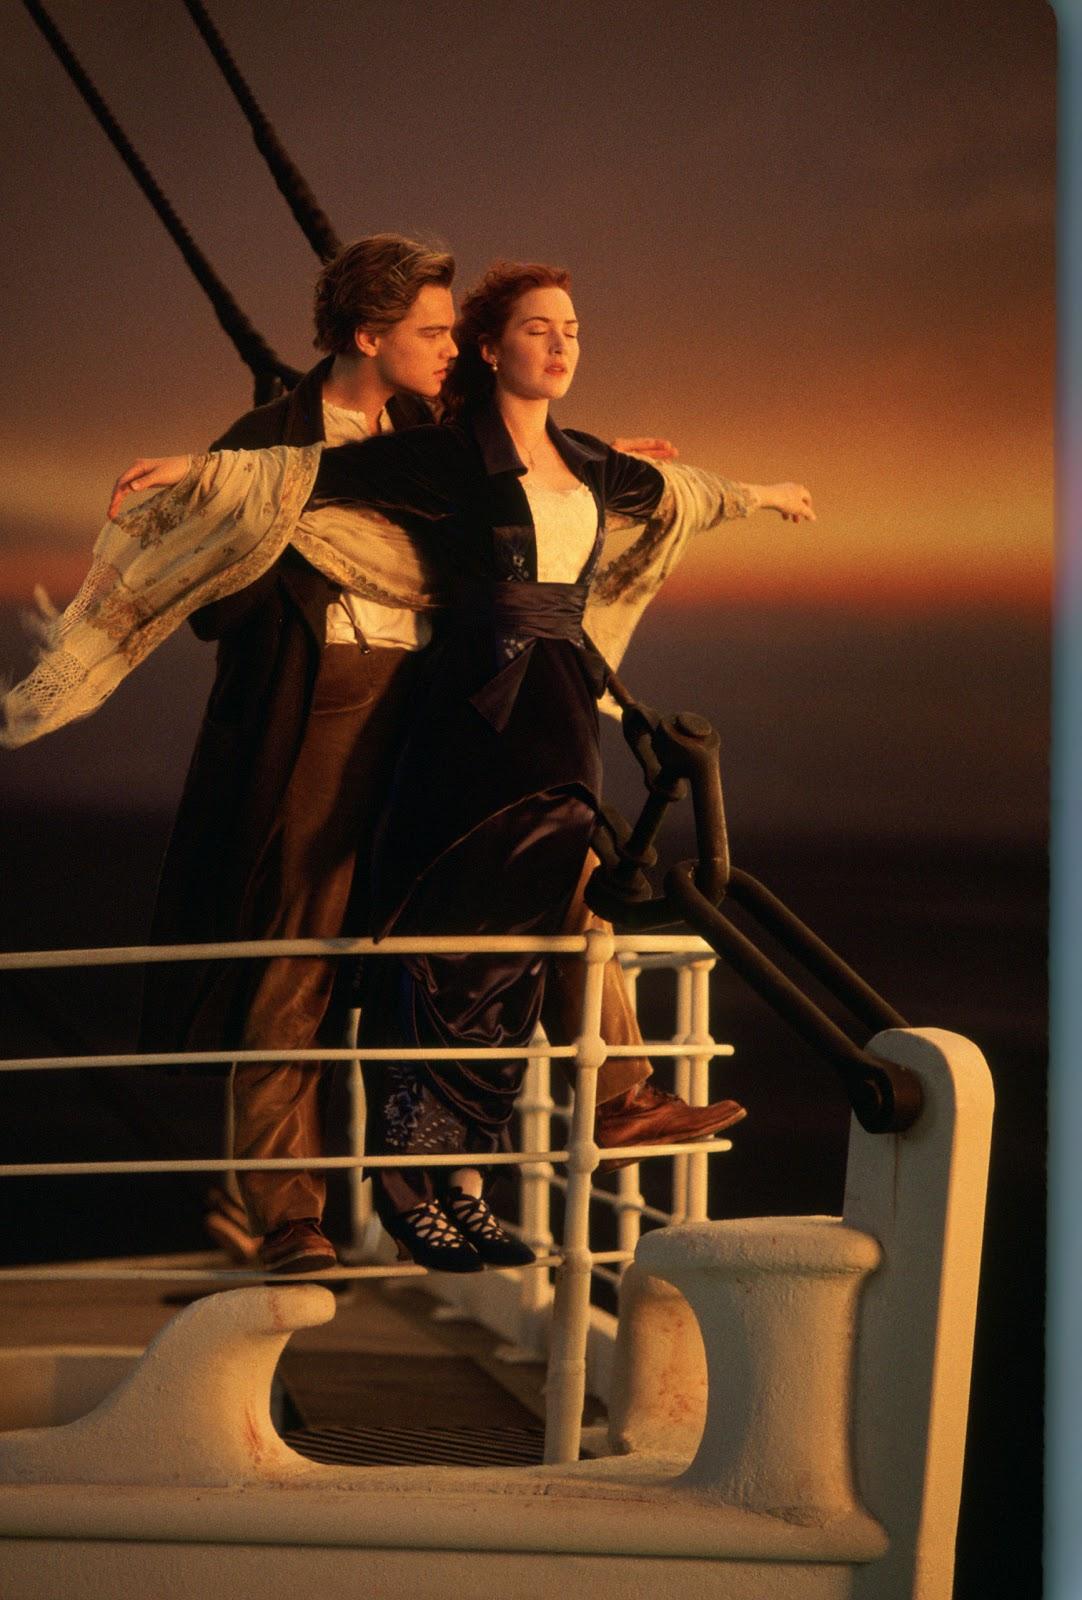 http://2.bp.blogspot.com/-uX7b7gLXGbk/T0UEk7gzL9I/AAAAAAAAW7w/GCFwYimfyEU/s1600/Leonardo+DiCaprio+&+Kate+Winslet+in+TITANIC+3D.jpg